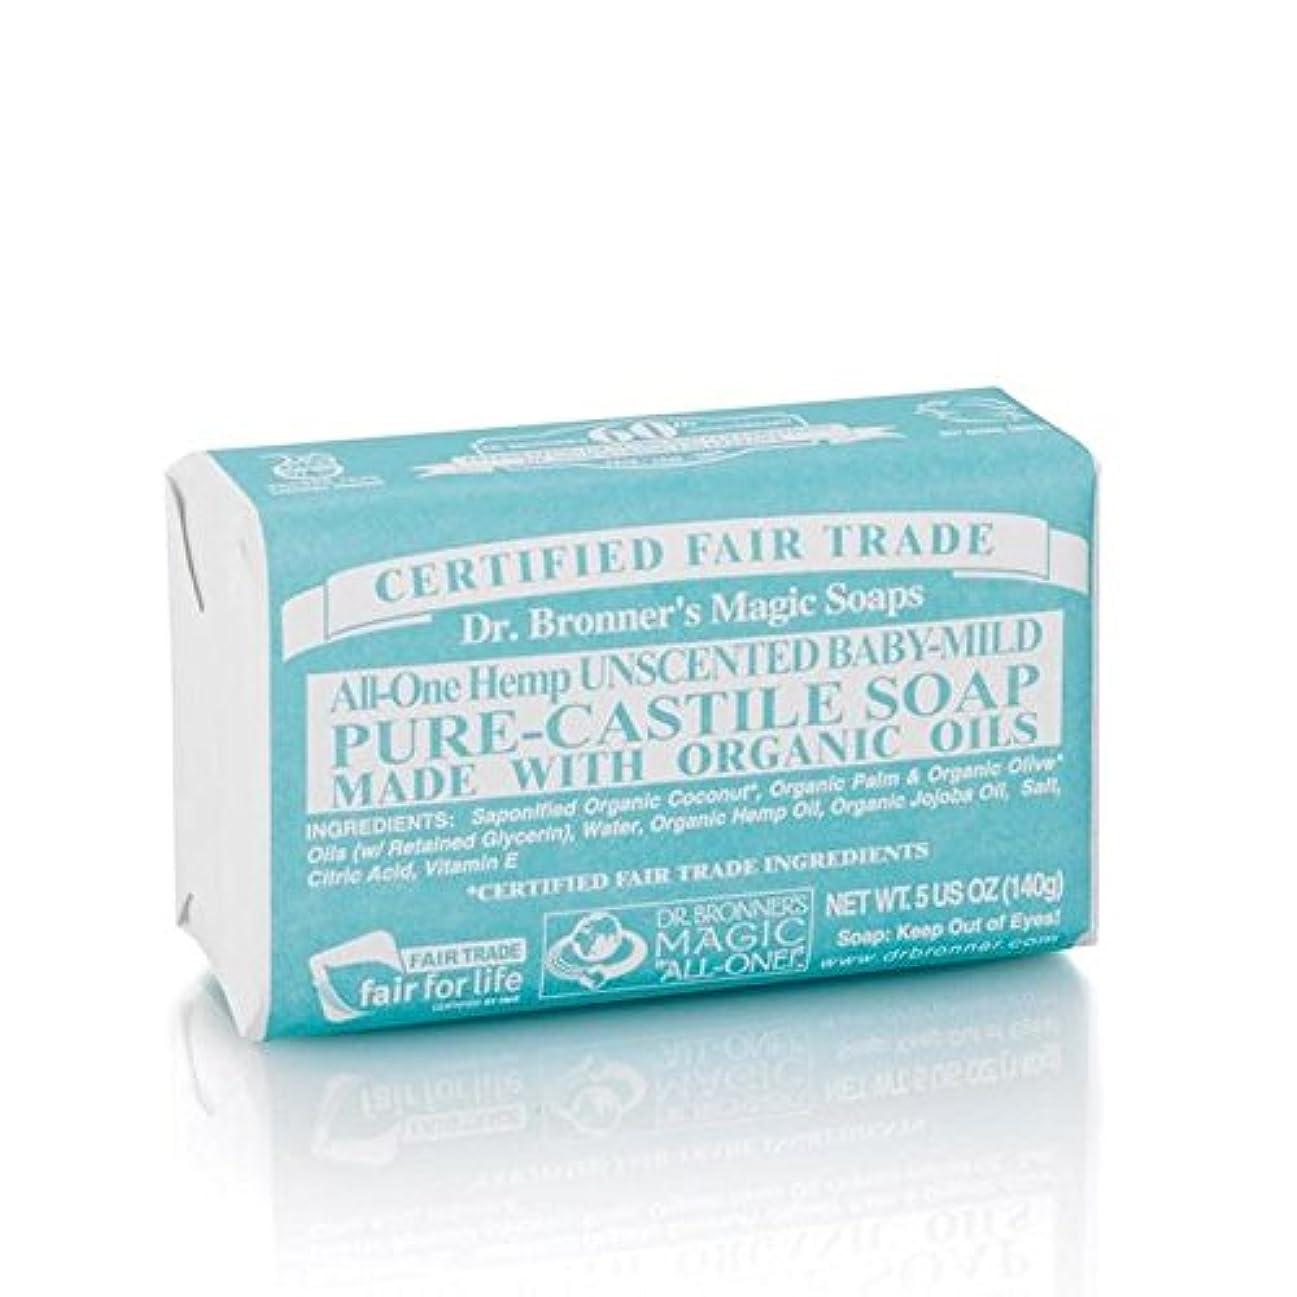 憂慮すべき提唱するドレスのブロナーオーガニックベビーマイルドソープバー140グラム x2 - Dr Bronner Organic Baby Mild Soap Bar 140g (Pack of 2) [並行輸入品]